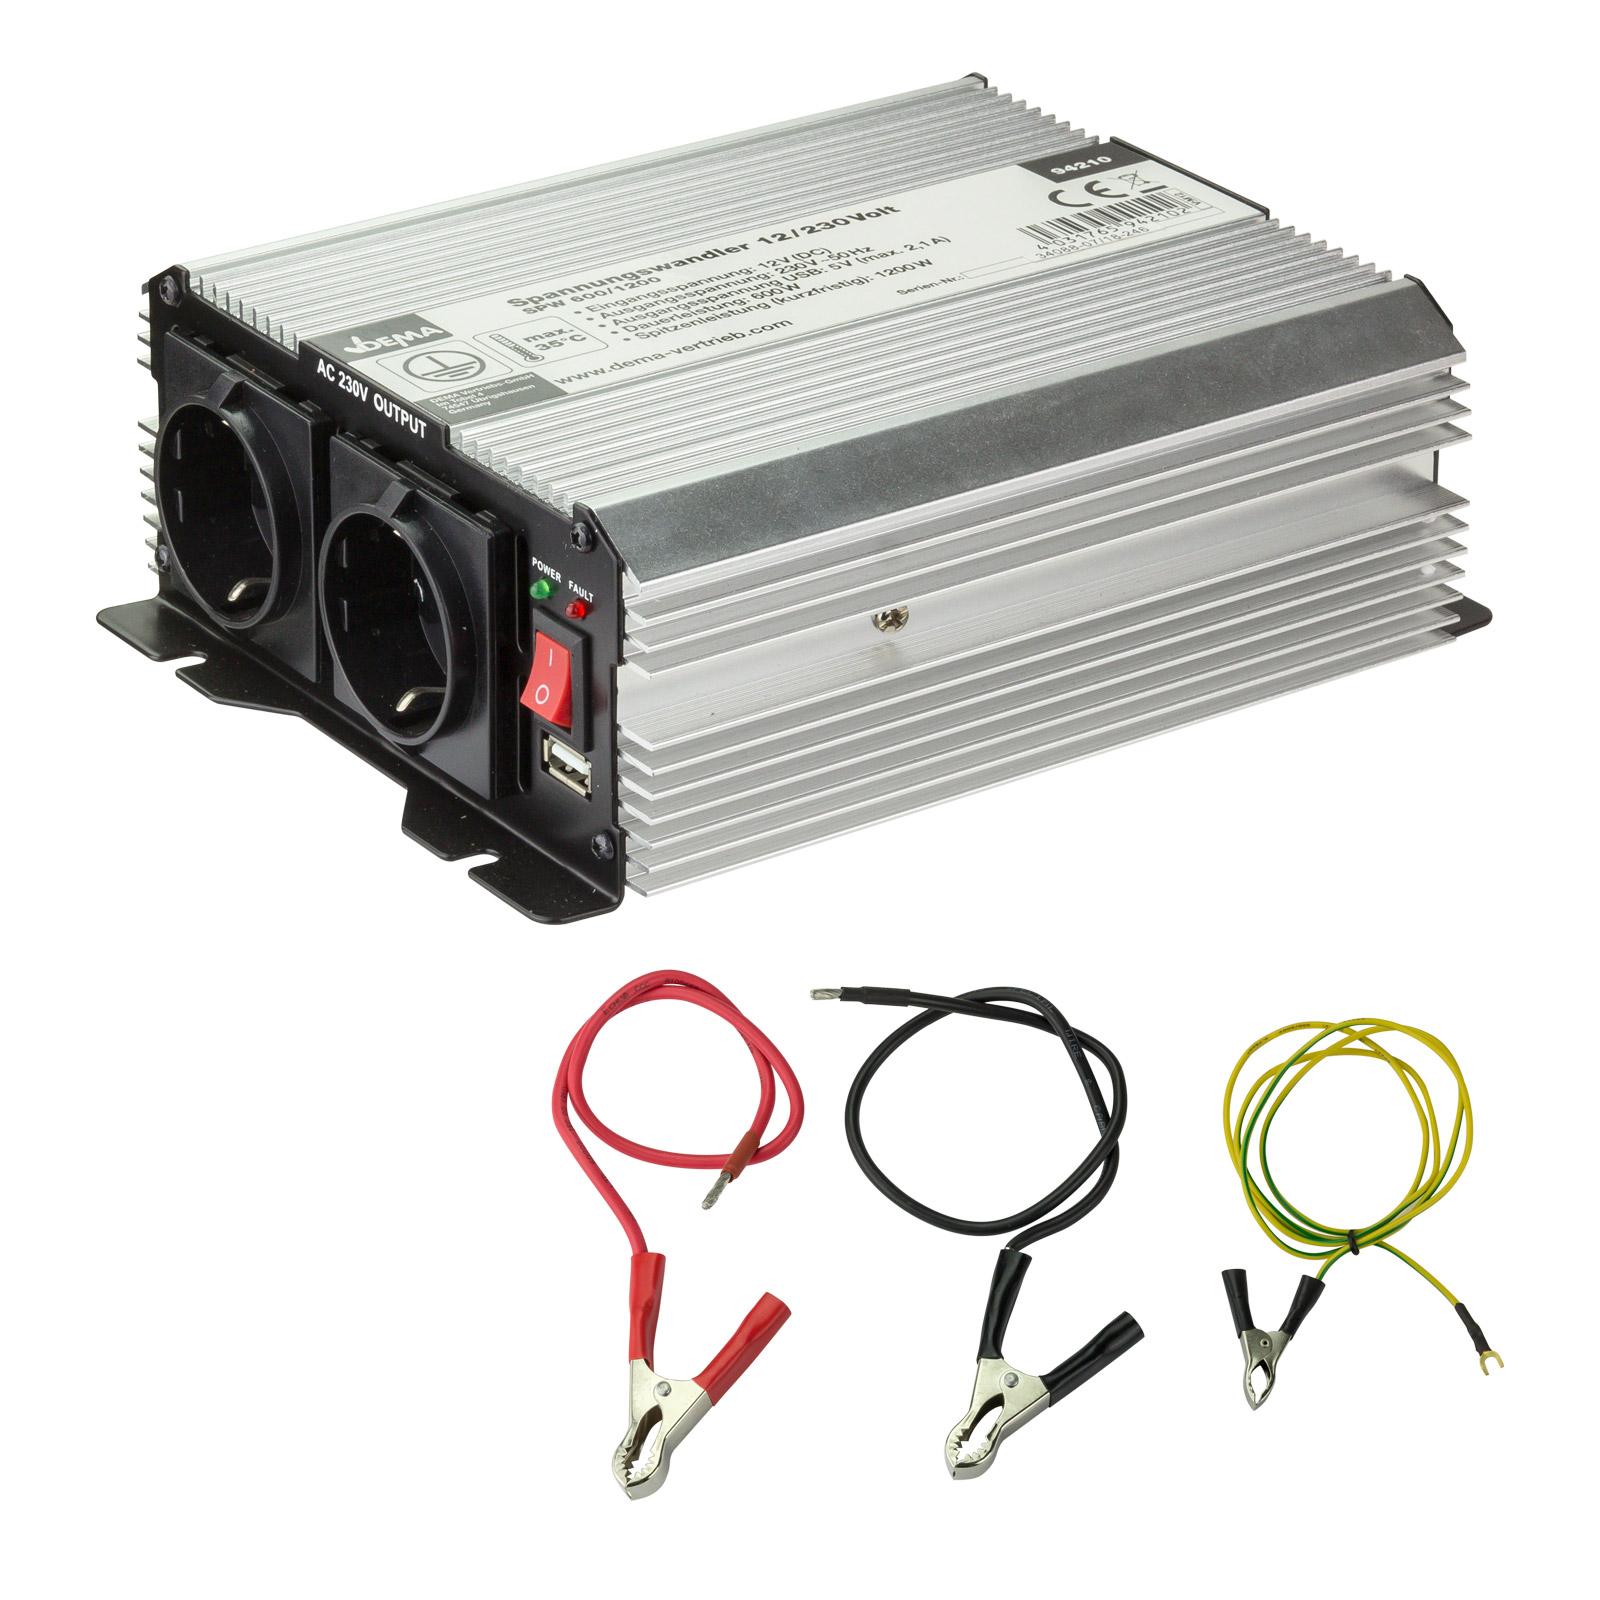 Dema PKW KFZ Wandler Spannungswandler 12/230 Volt 600 / 1200 Watt Wechselrichter 94210